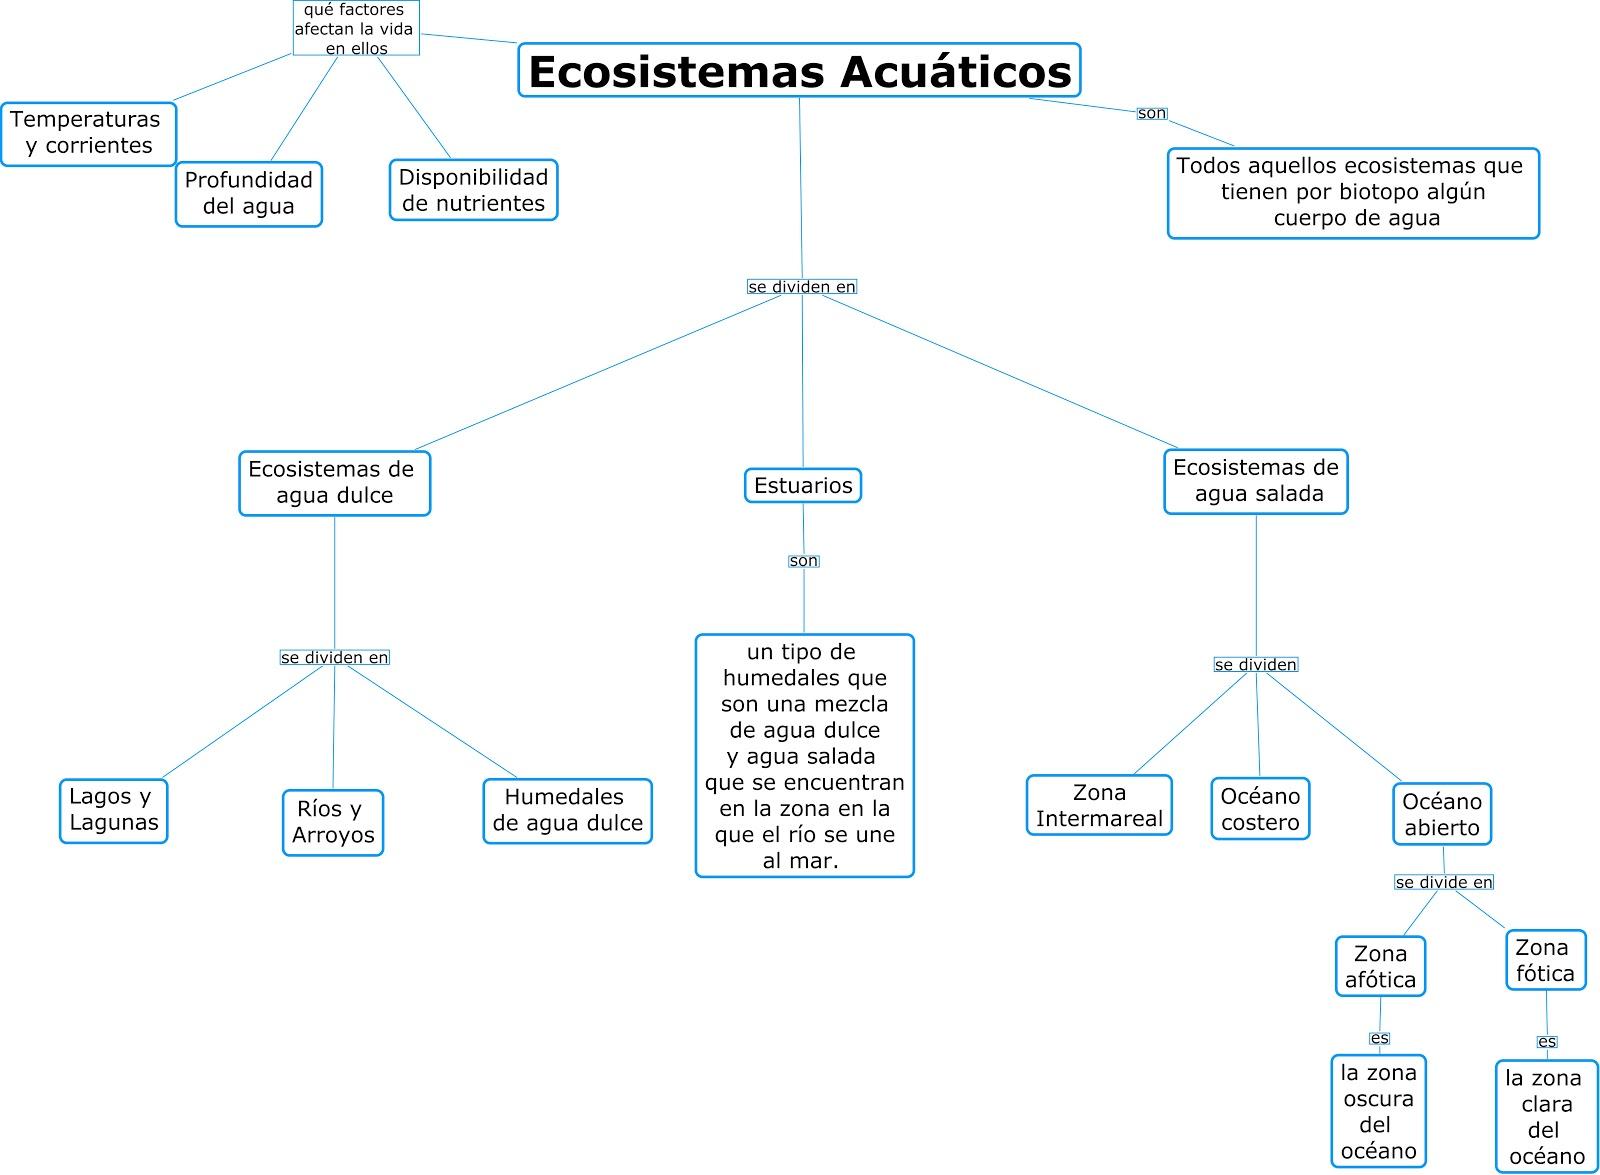 ecosistemas de aguas continentales Dentro de los ecosistemas acuático s se diferencian aquellos que son de agua dulce (ecosistemas acuáticos continentales) como los ríos, lagos, lagunas, arroyos, charcas, etc y los de aguas.